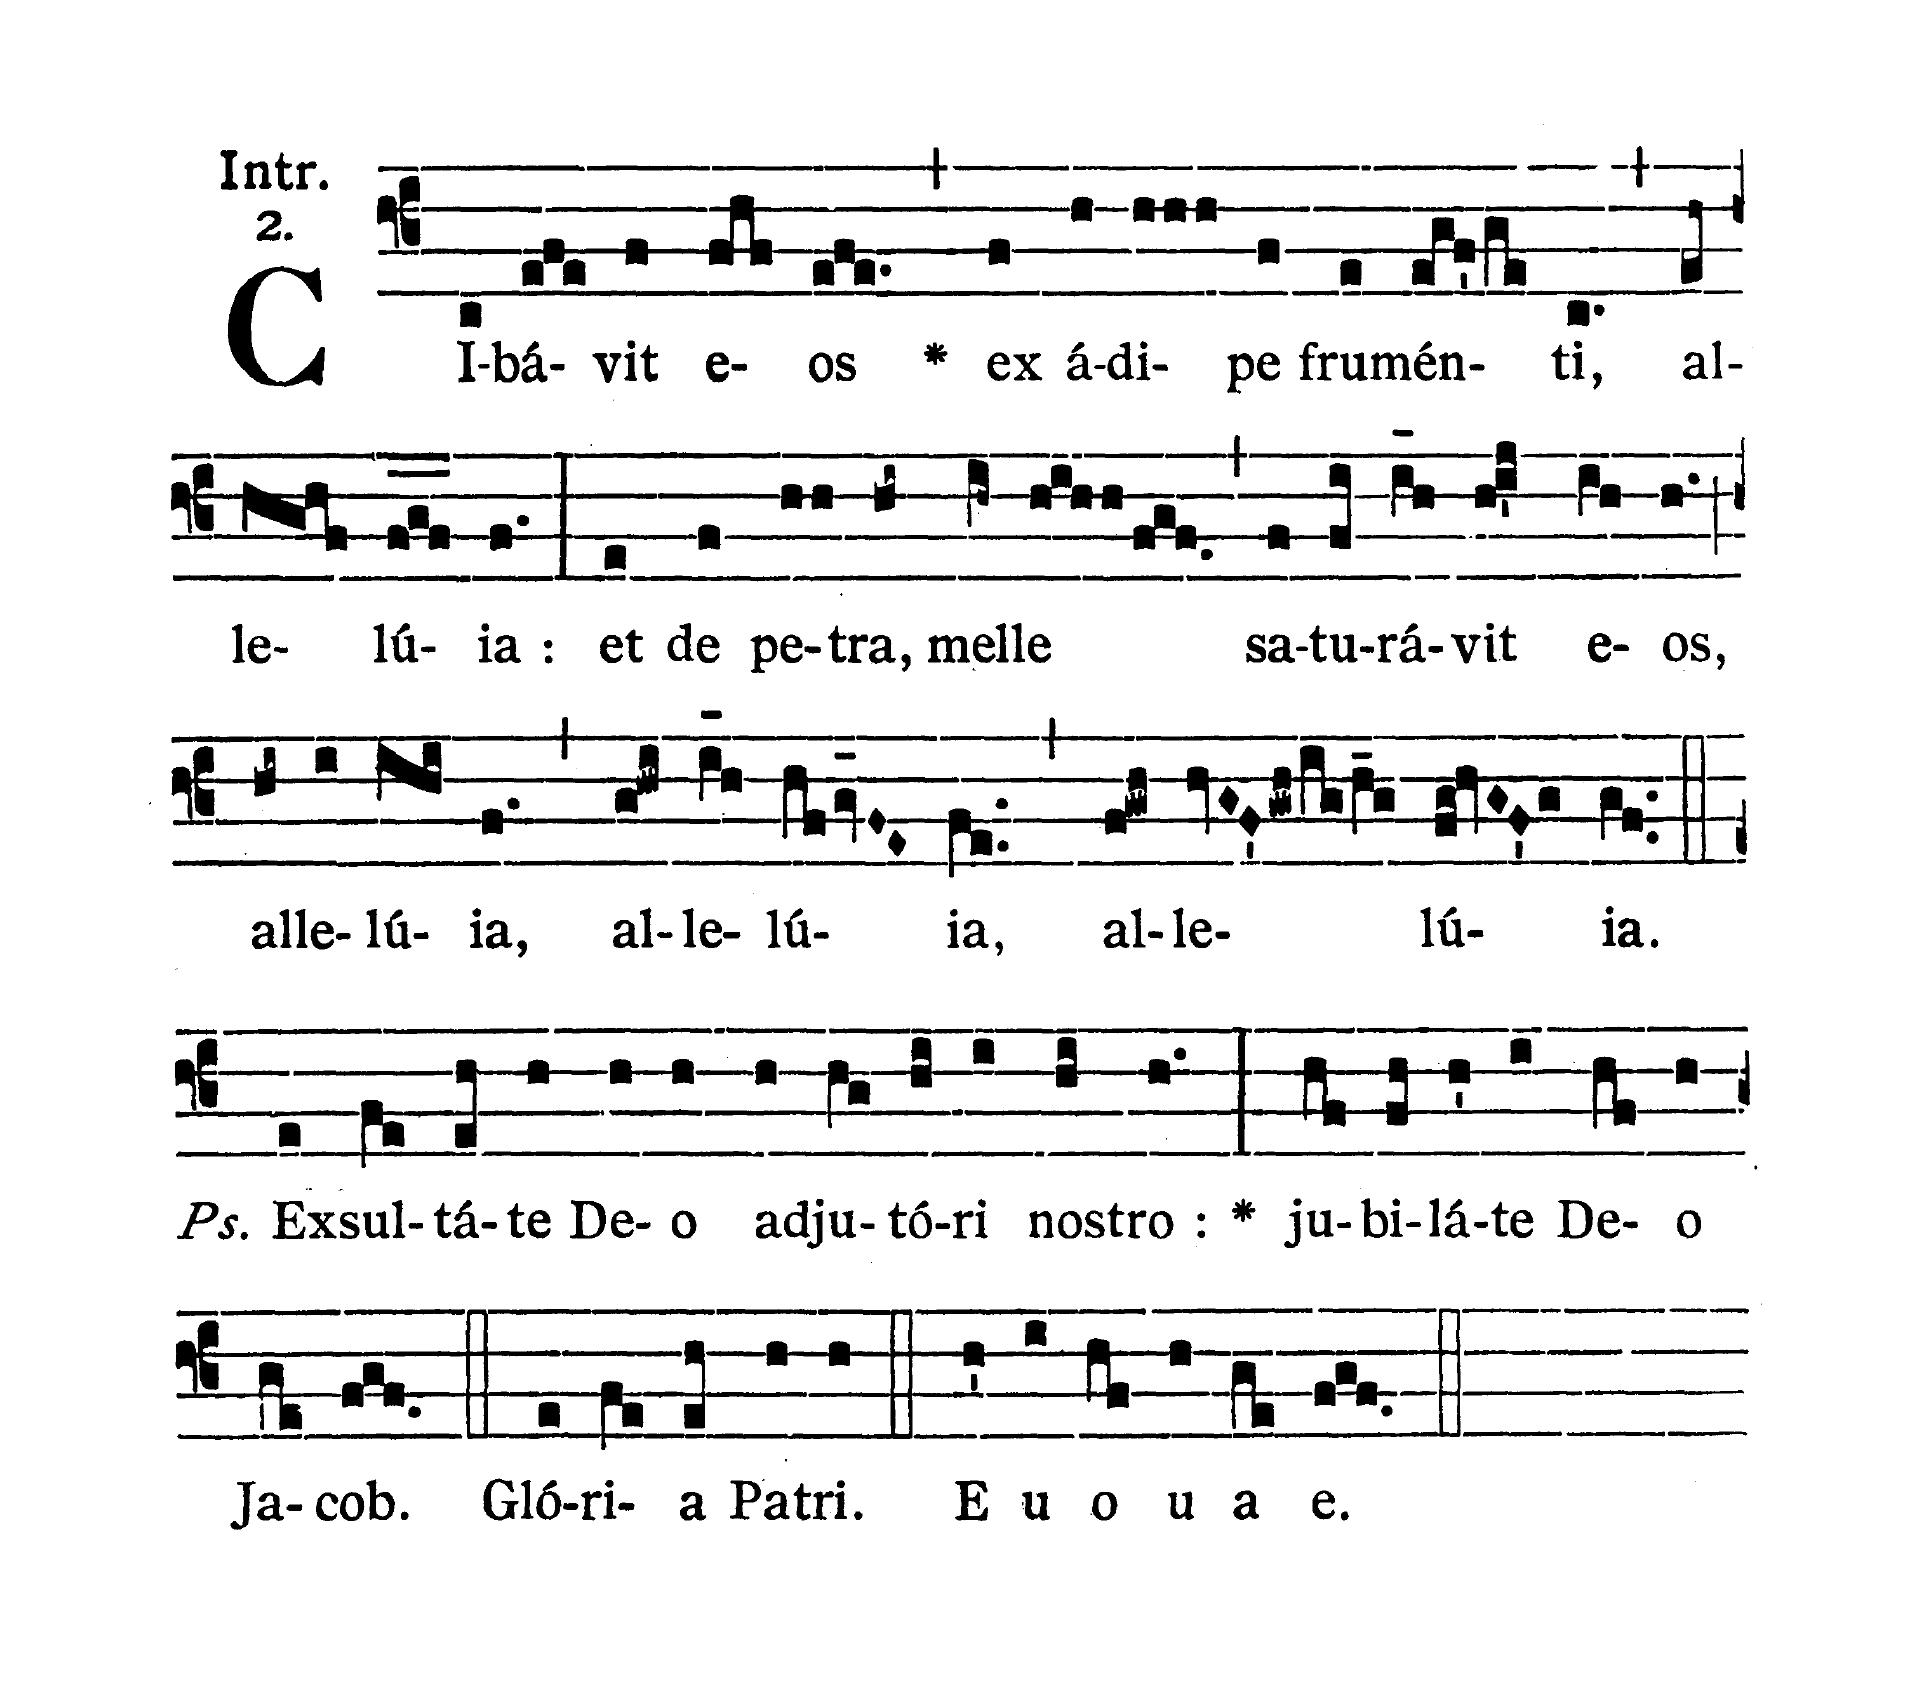 Feria secunda infra Octavam Pentecostes (Poniedziałek w oktawie Zesłania Ducha Świętego) - Introitus (Cibavit eos)